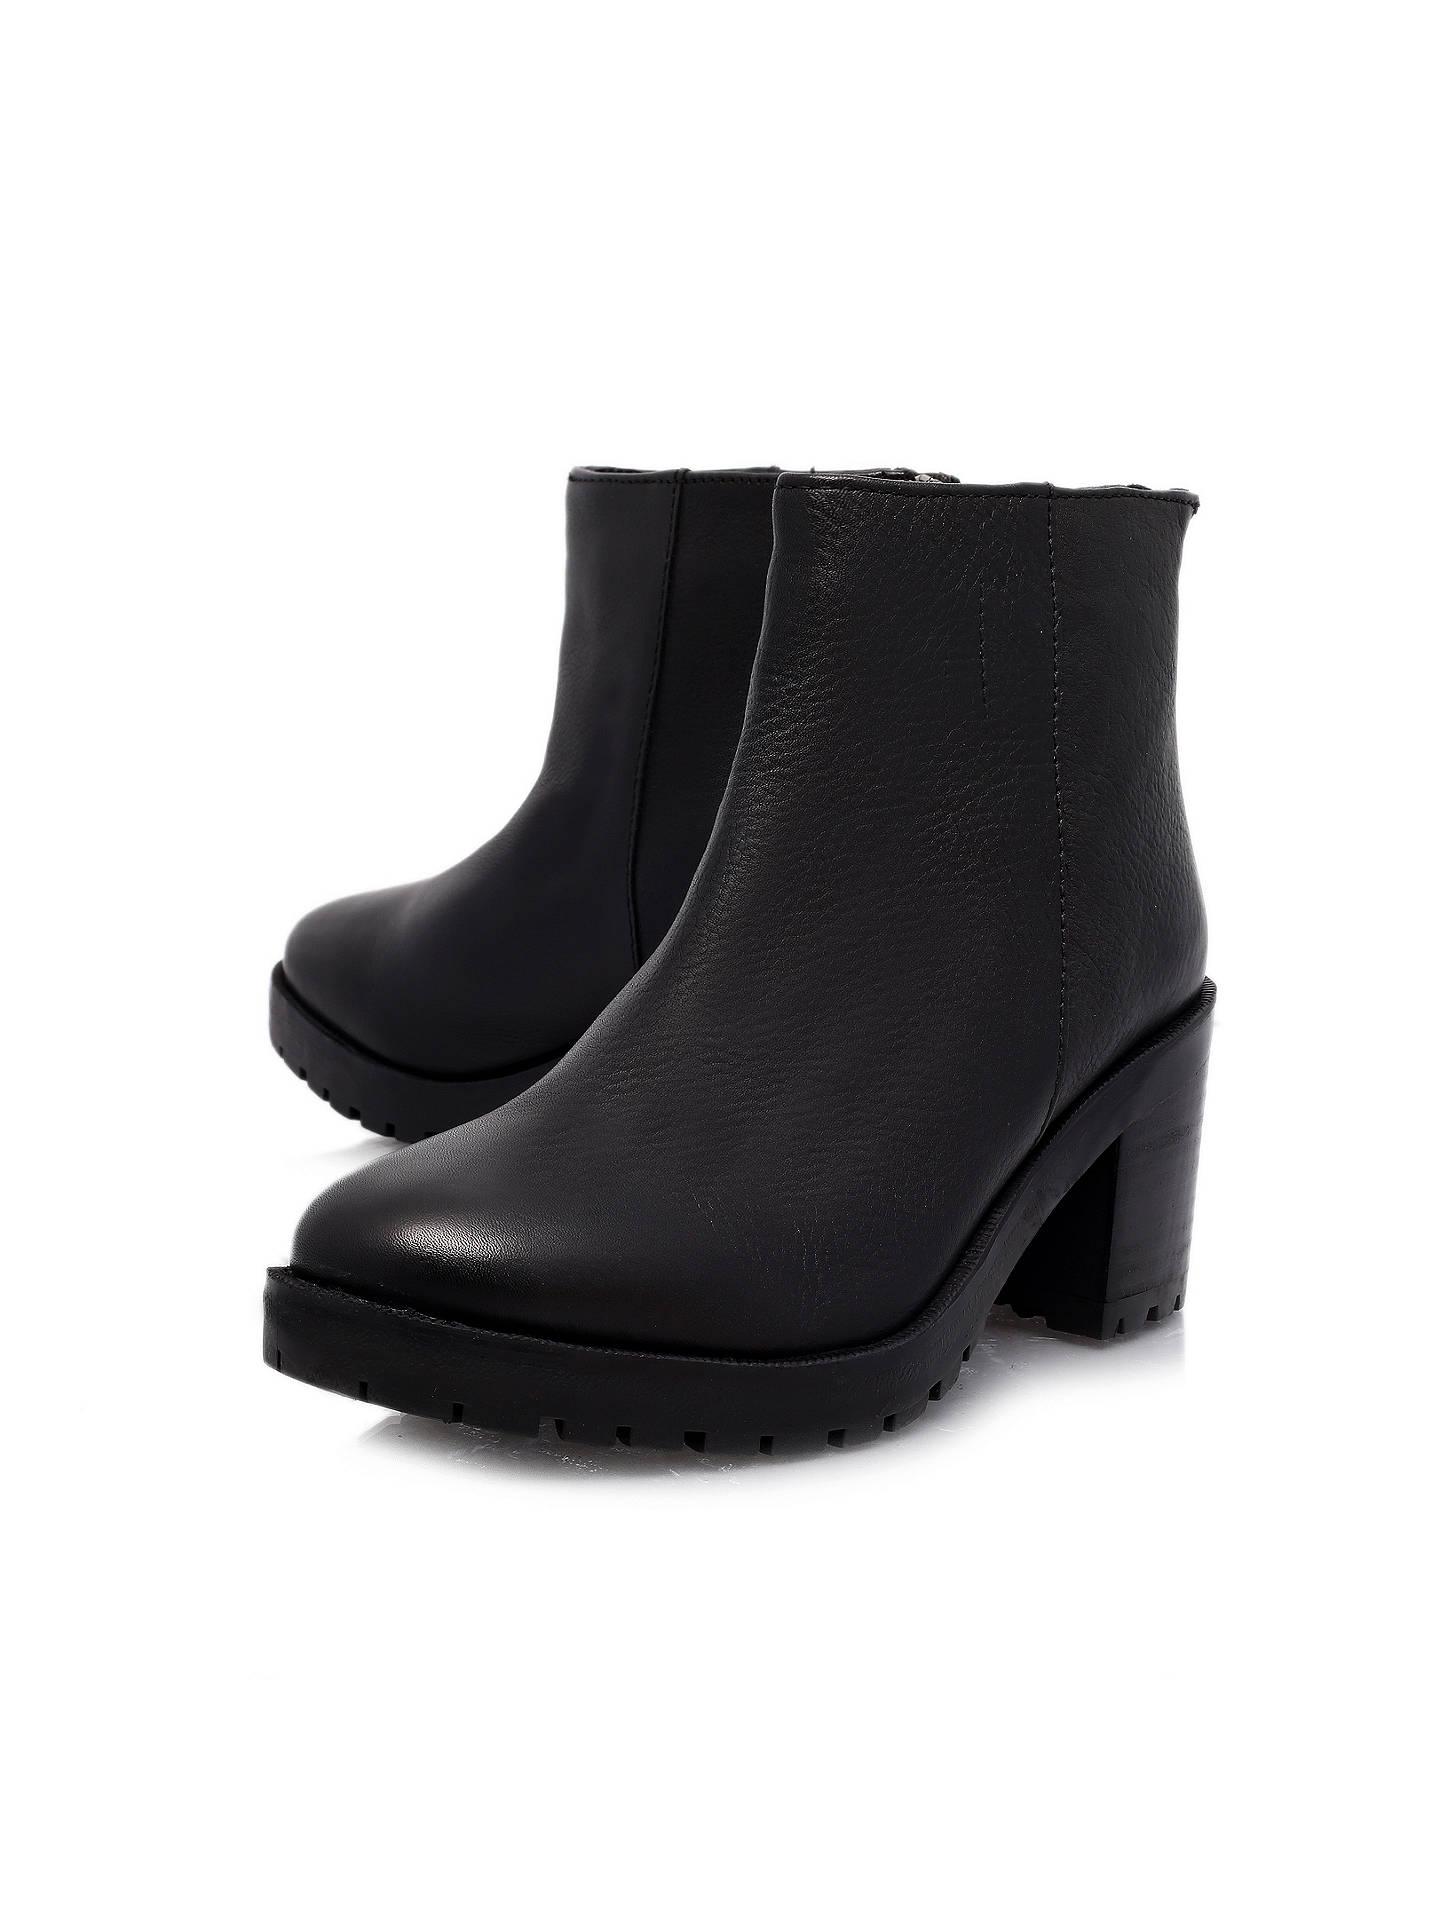 Carvela Sugar platform ankle boots, Black   Boots